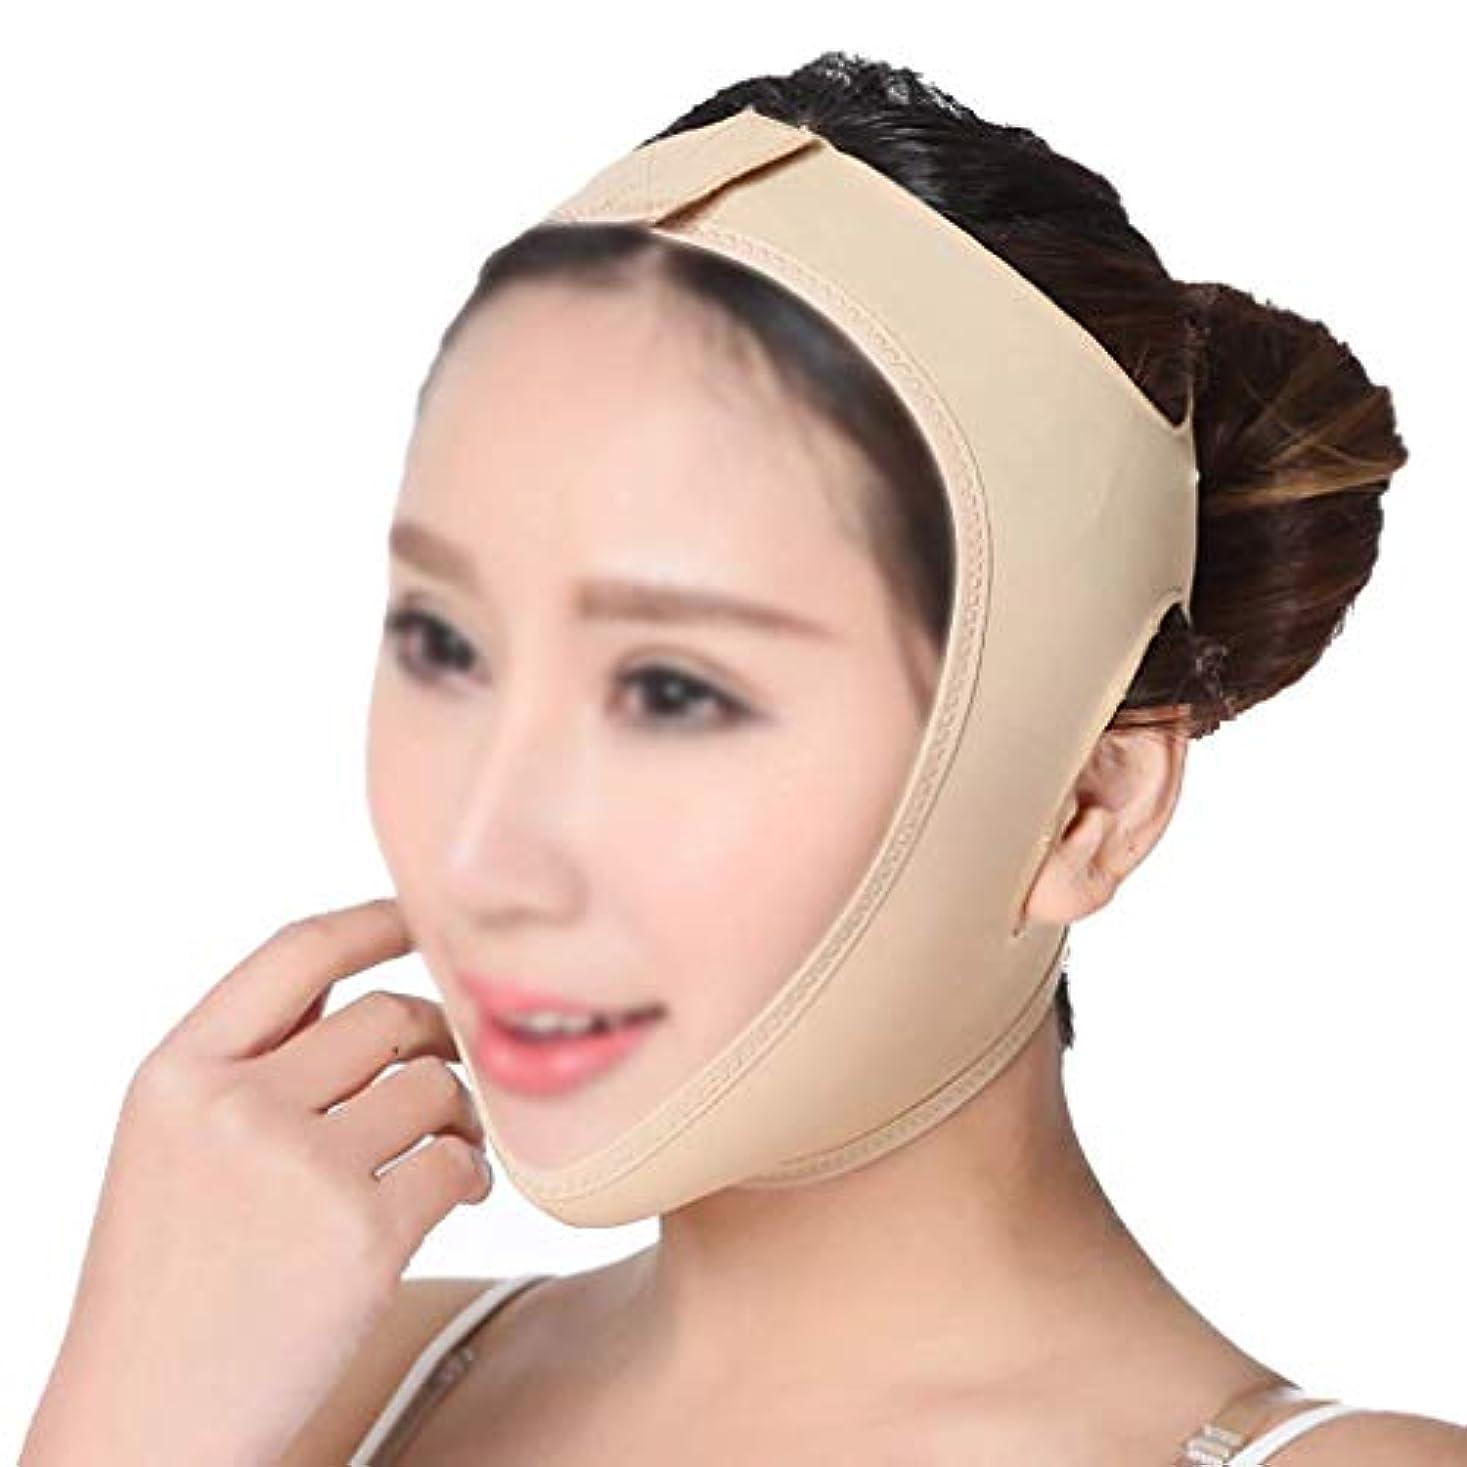 劣るテストフォークフェイスリフティング包帯、Vフェイスインストゥルメントフェイスマスクアーティファクト引き締めマスク手動フェイシャルマッサージ通気性肌のトーン(サイズ:M)